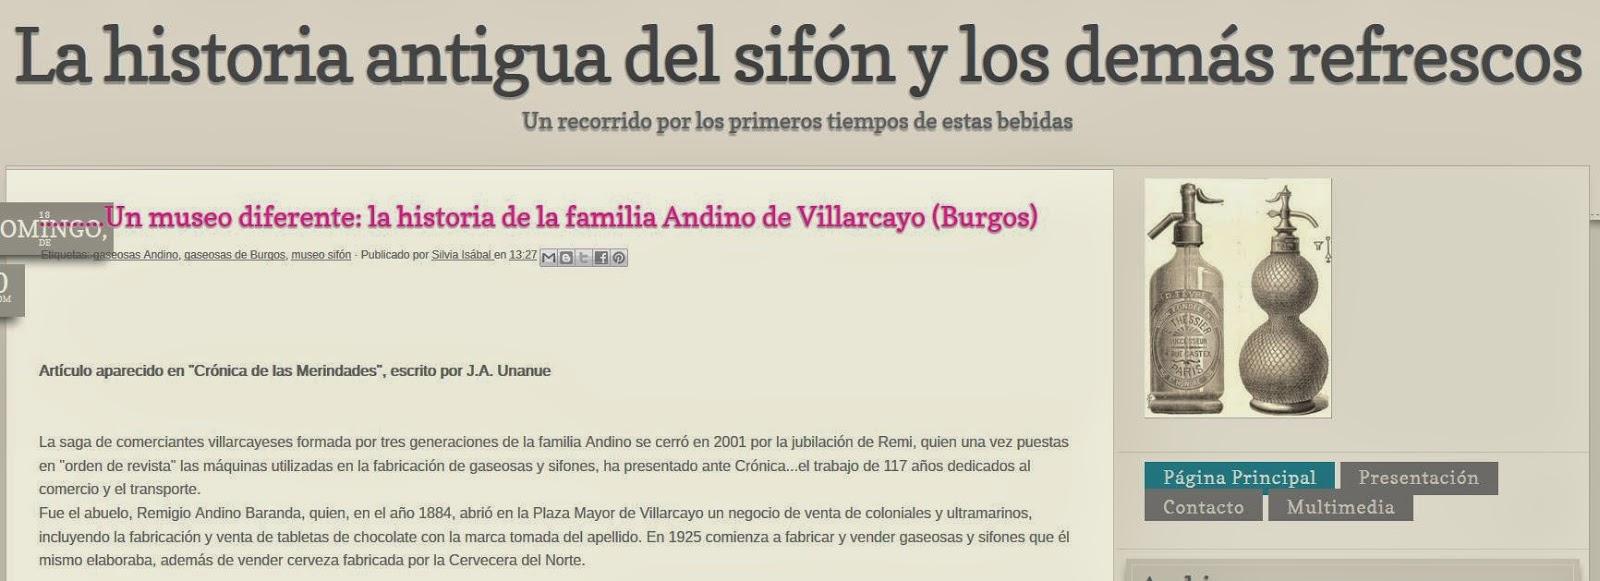 http://sifonesantiguos.blogspot.com.es/